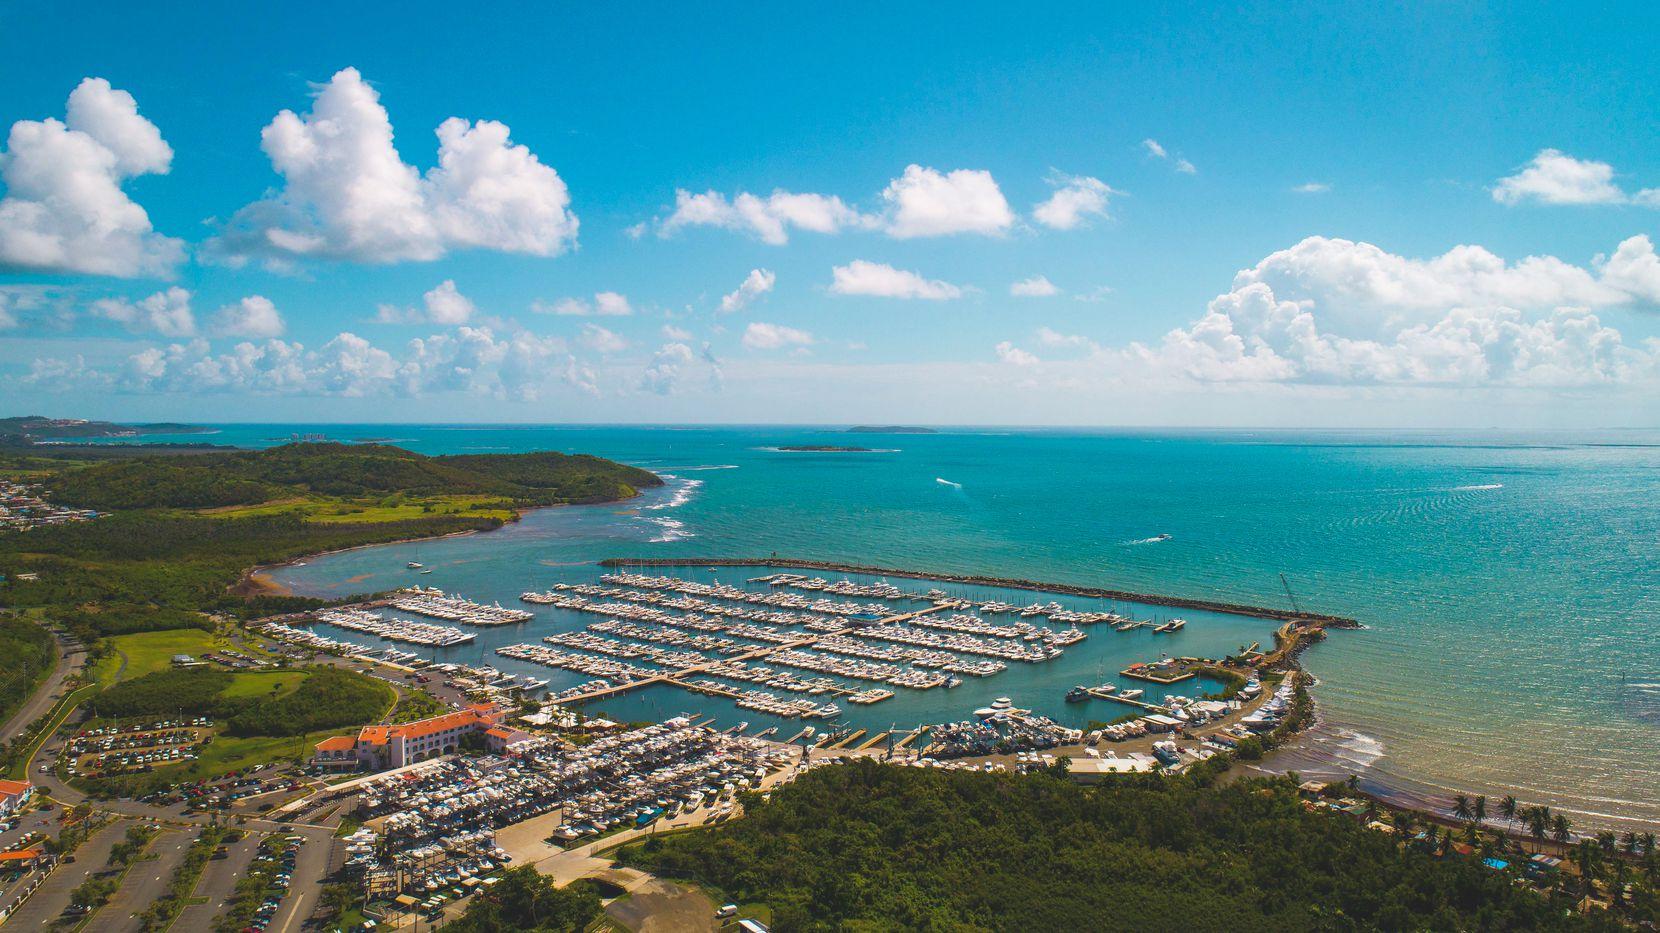 Puerto Del Rey marina in Fajardo, Puerto Rico.